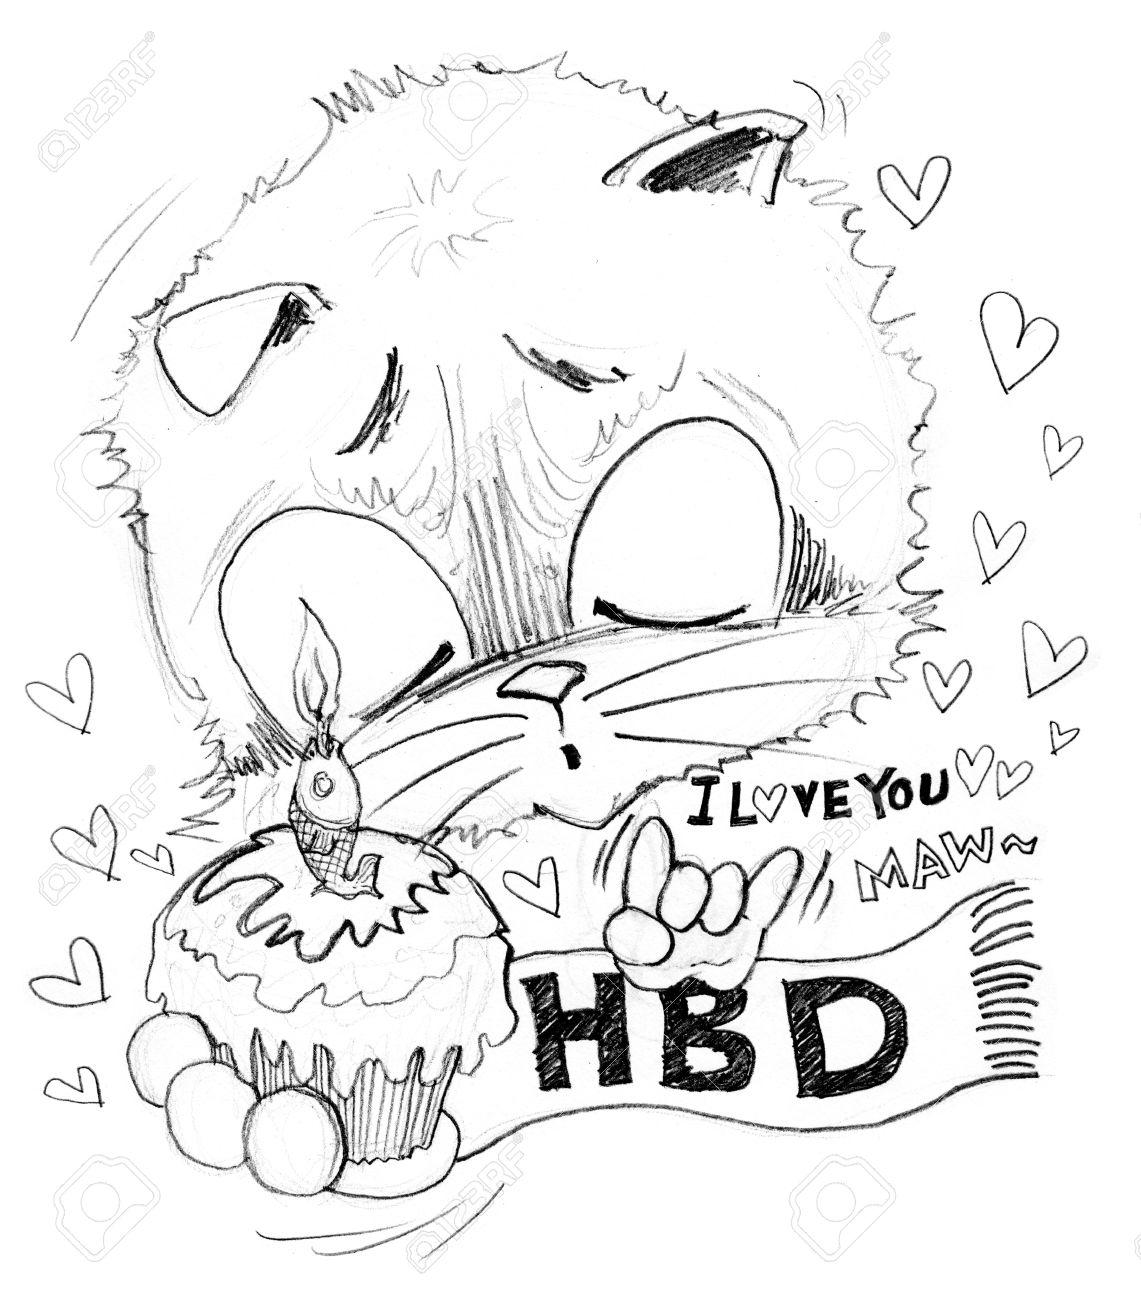 Alles Gute Zum Geburtstag Und Ich Liebe Dich Er Uberraschung Mit